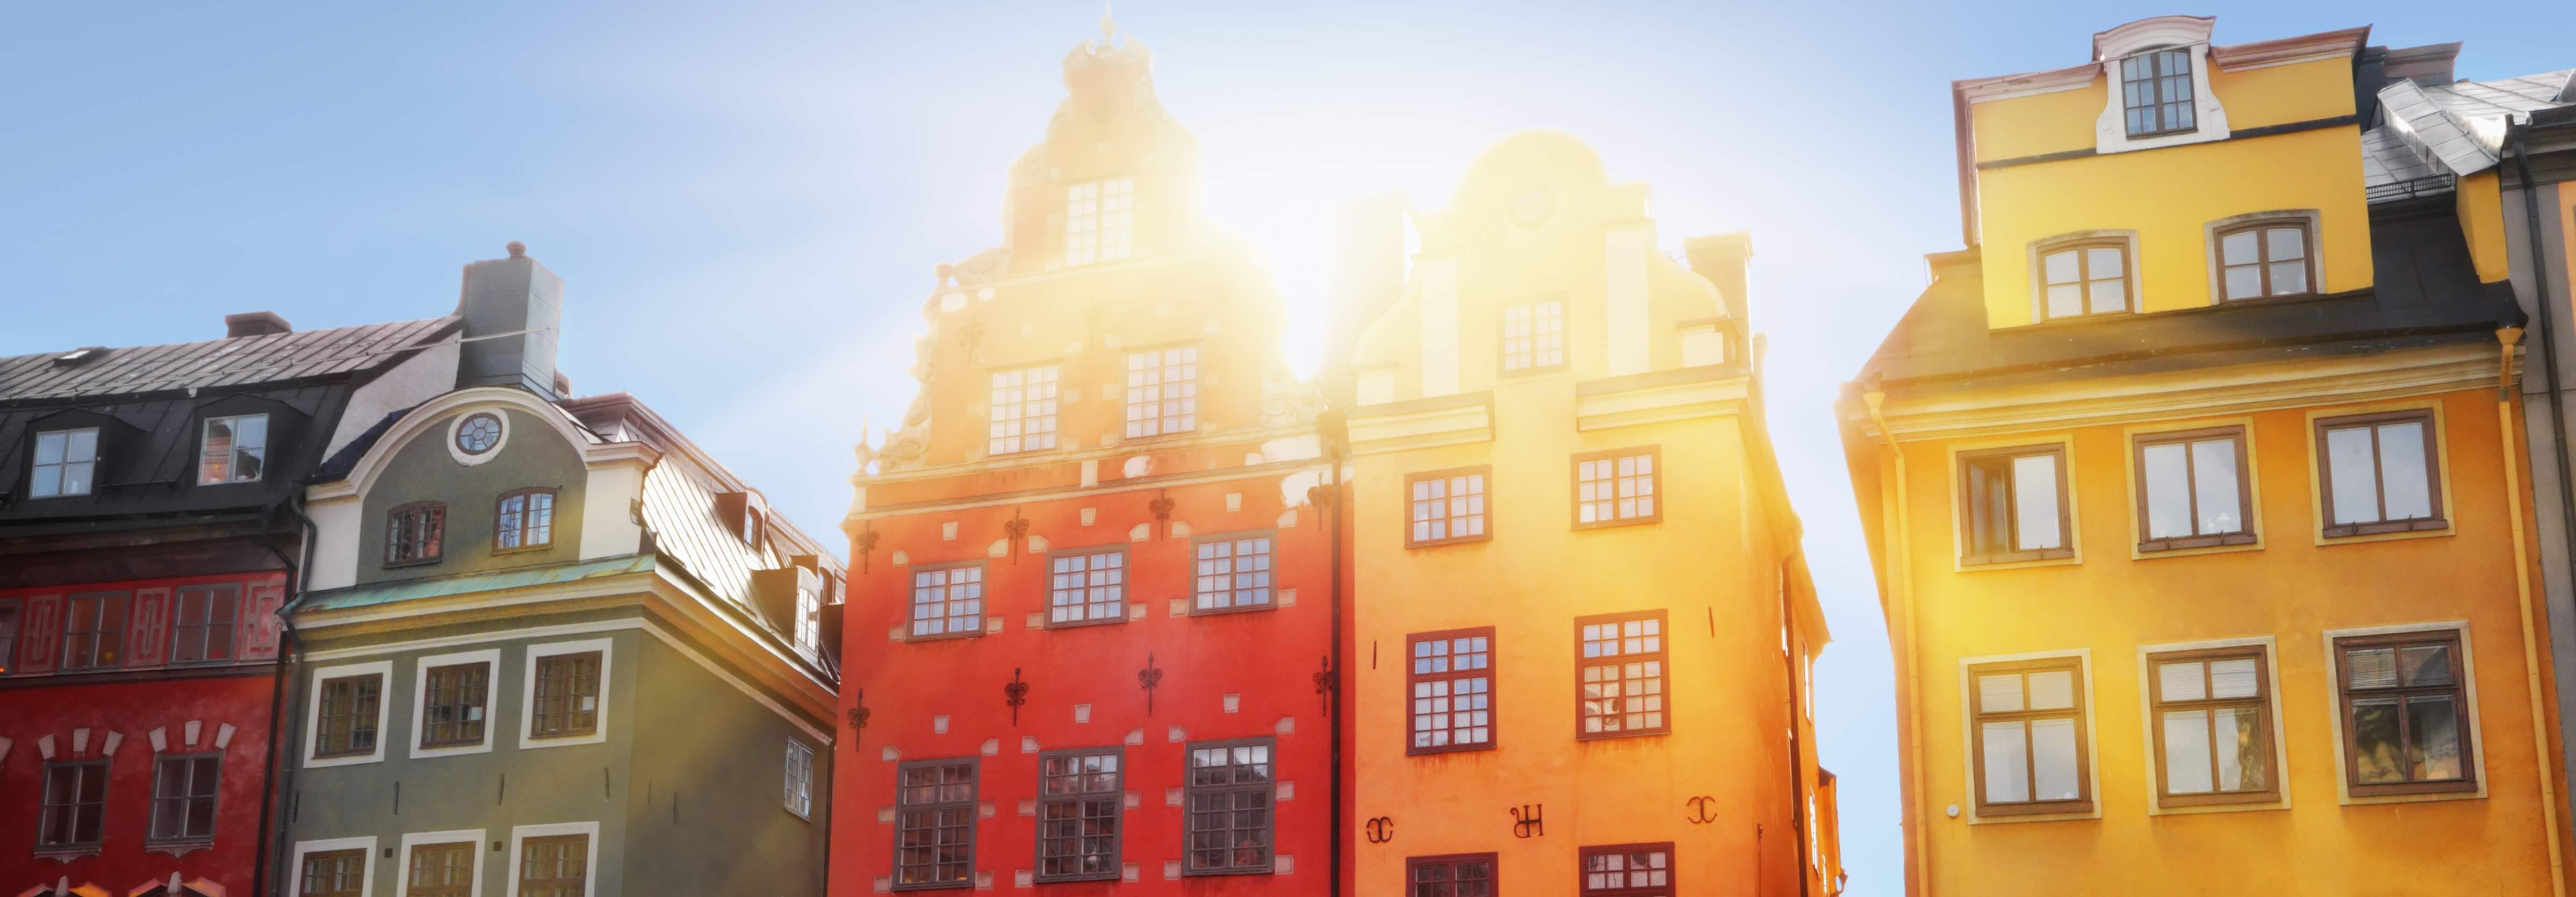 Sweden Stortorget place